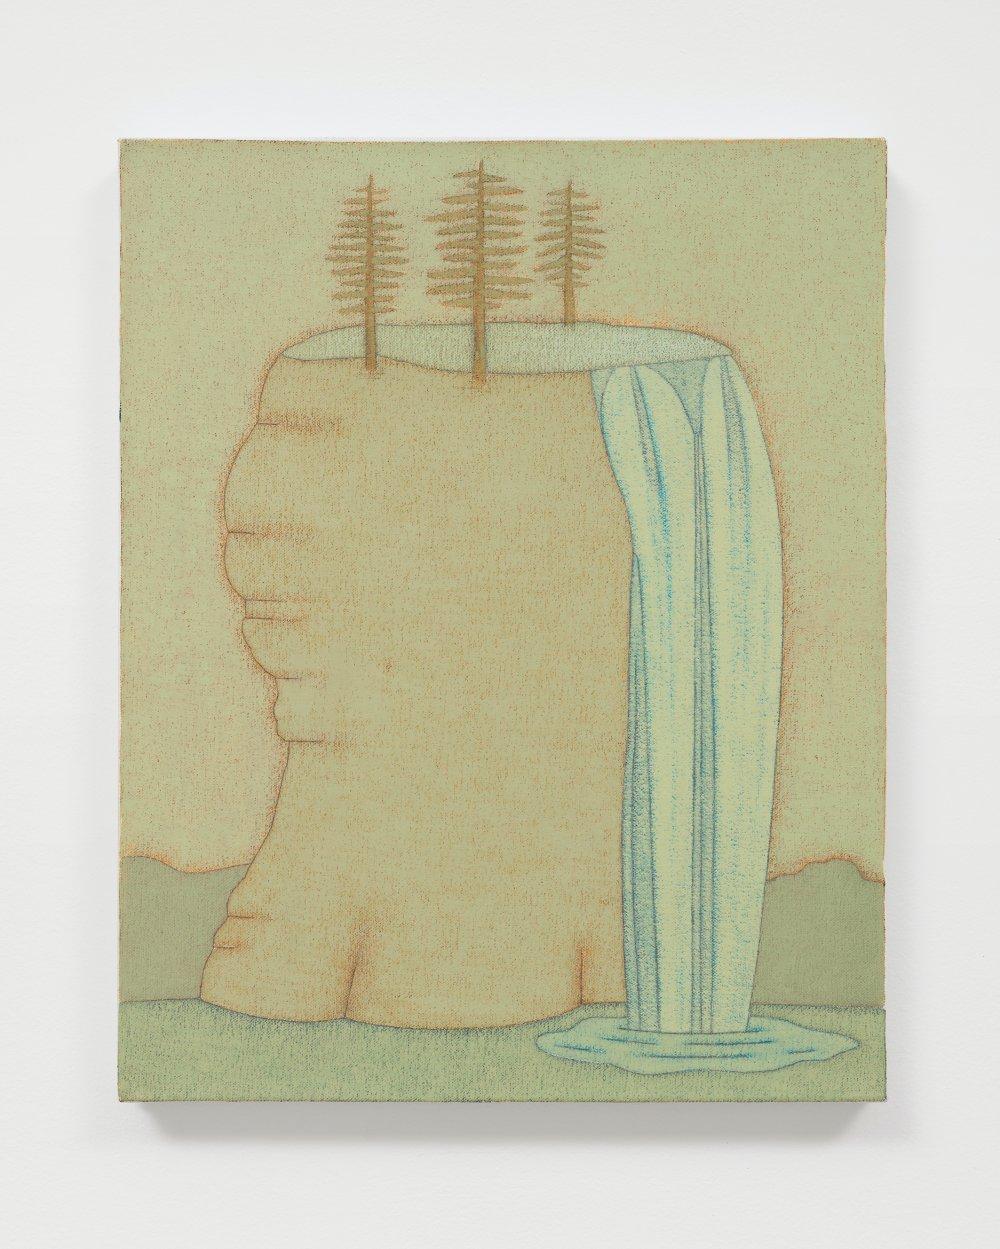 John Dilg, Eva Presenhuber, Installation view